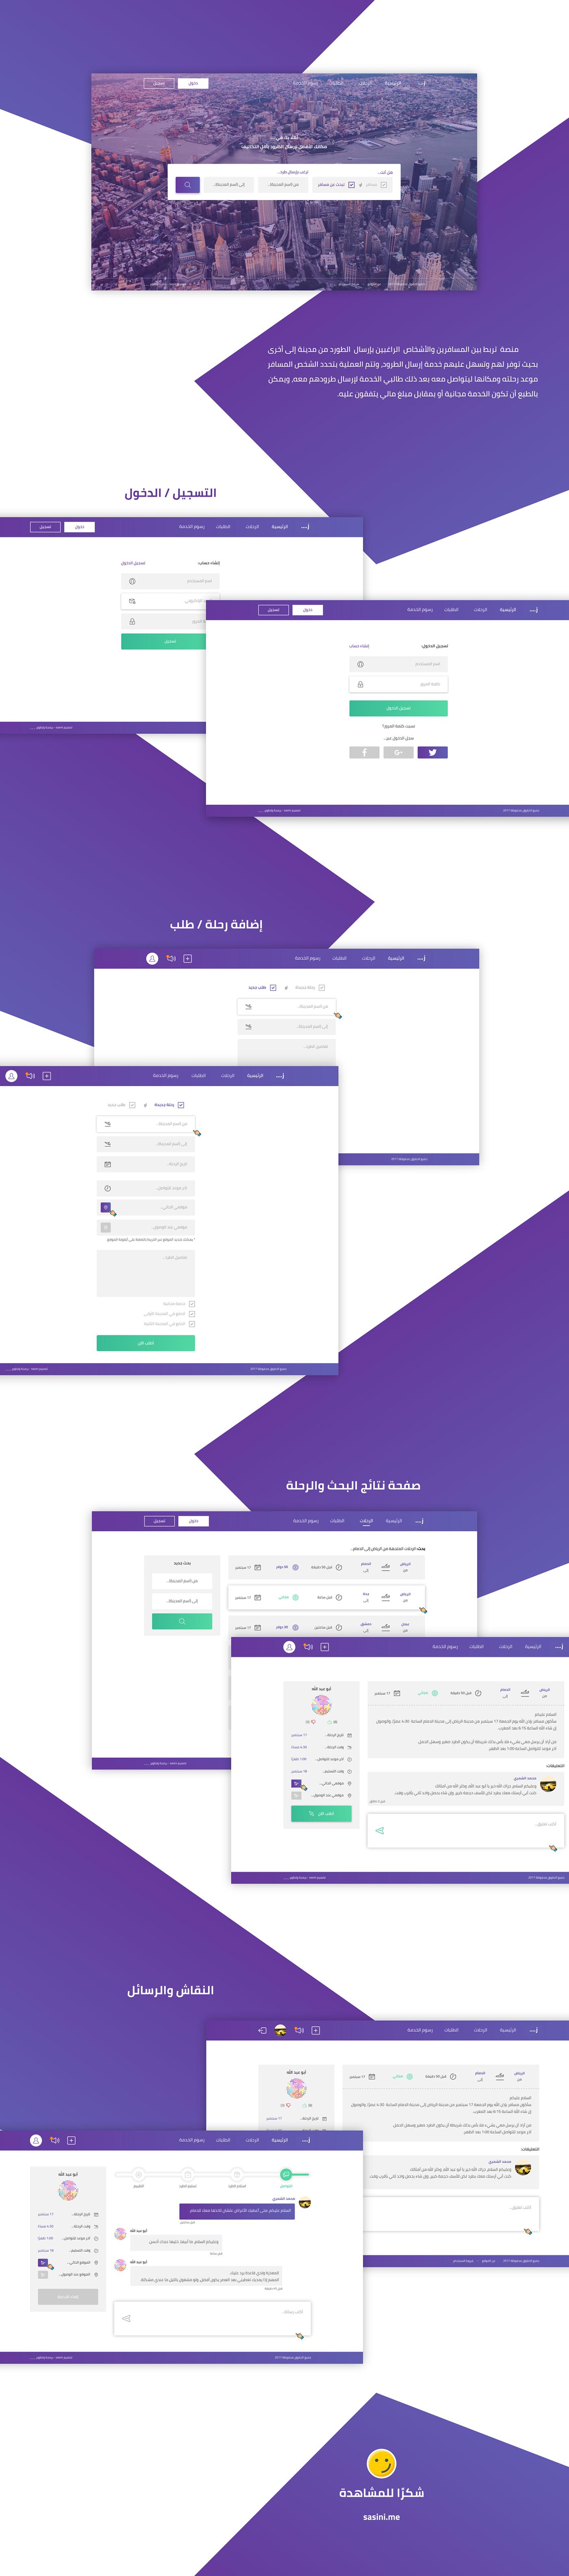 Web Website UI/UX user interface user experience parcels designer design